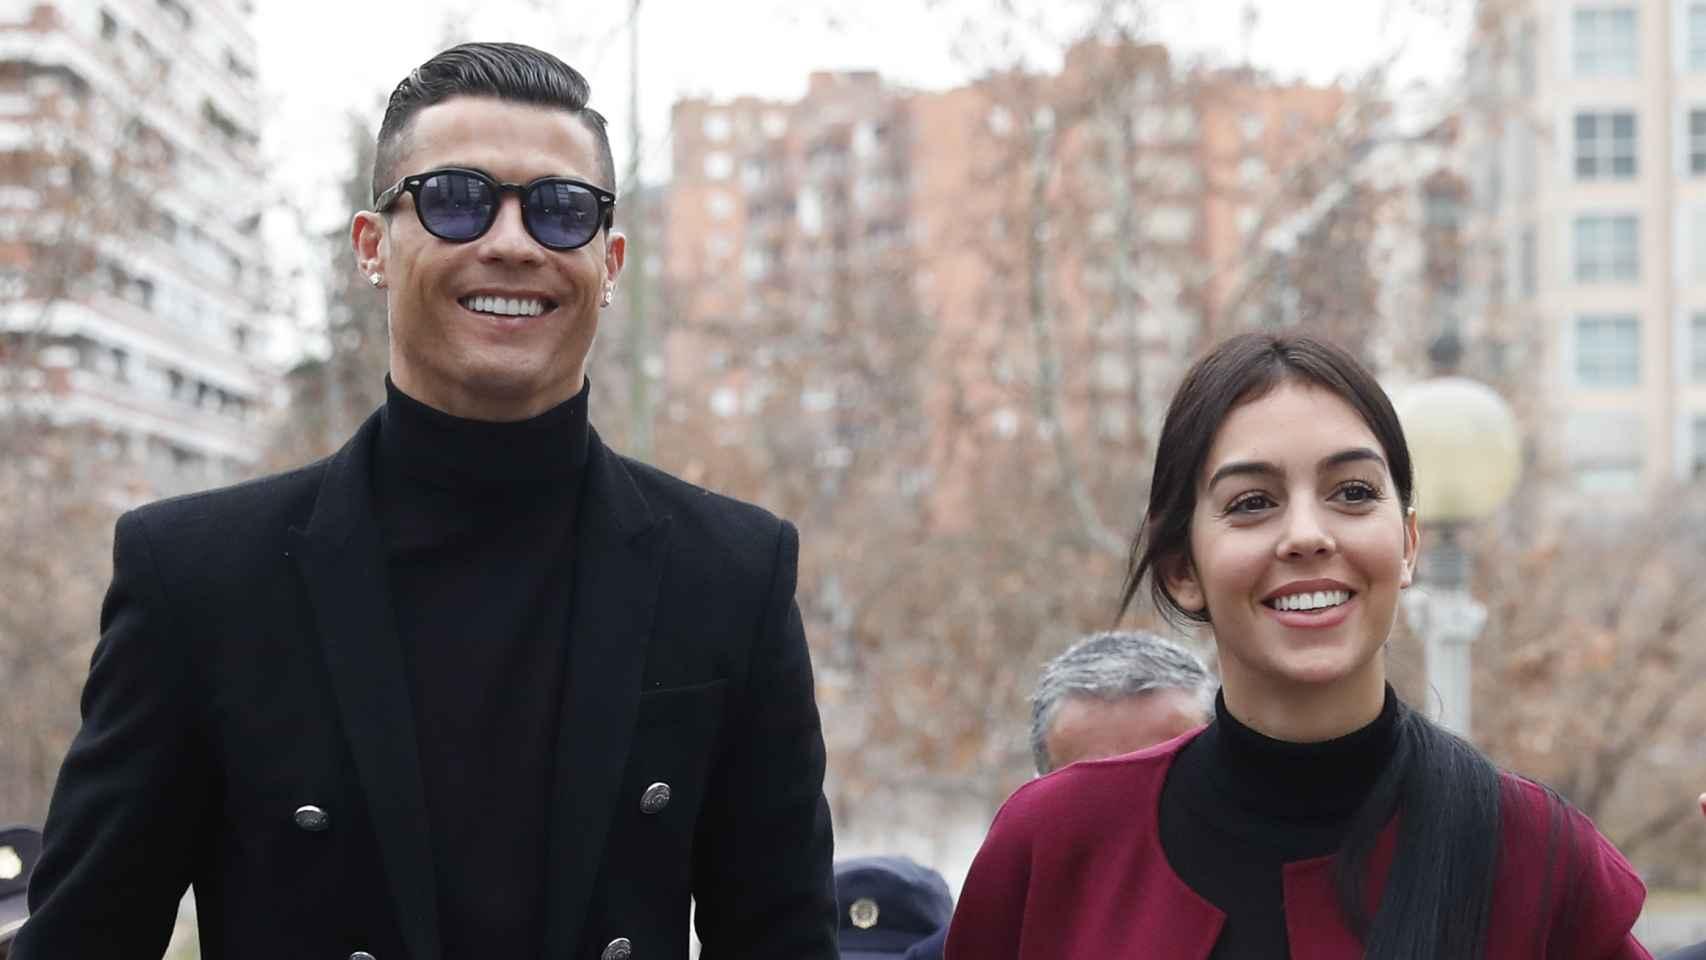 El paseillo de Cristiano Ronaldo y Georgina Rodríguez, en imágenes